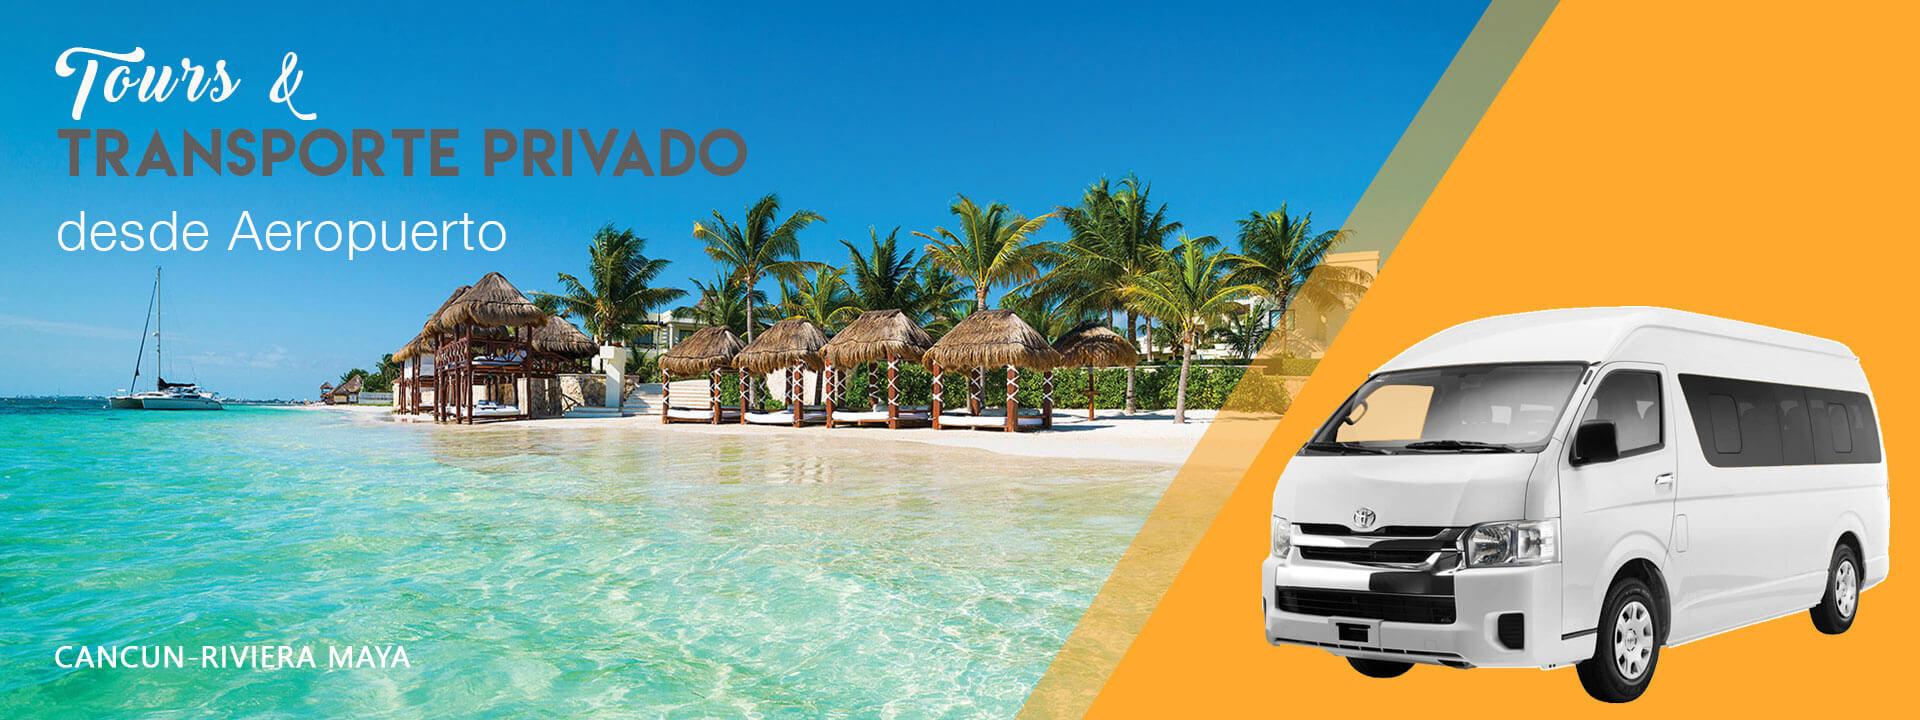 Tours y Transportacion Privada al aeropuerto de cancun